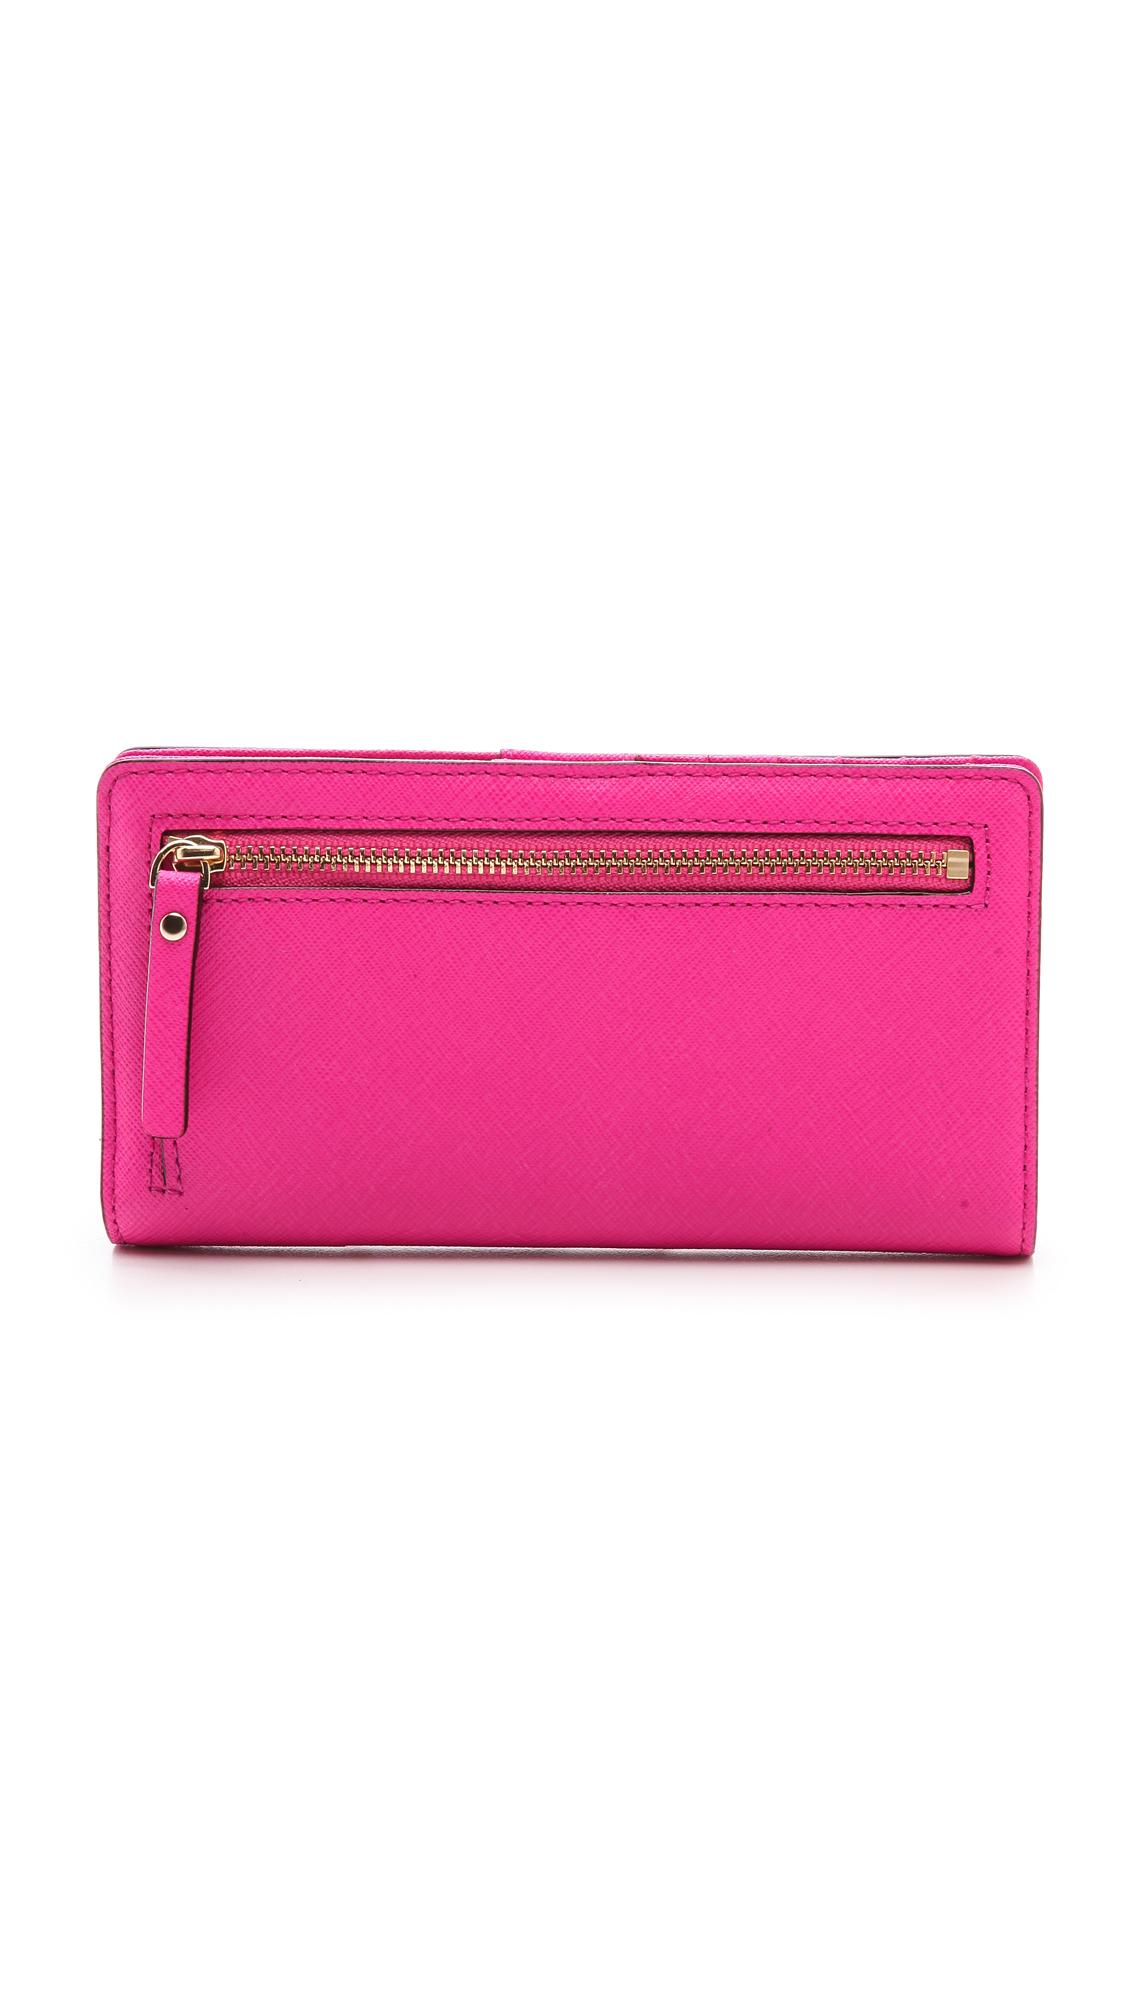 Kate spade new york Cedar Street Stacy Wallet in Pink | Lyst